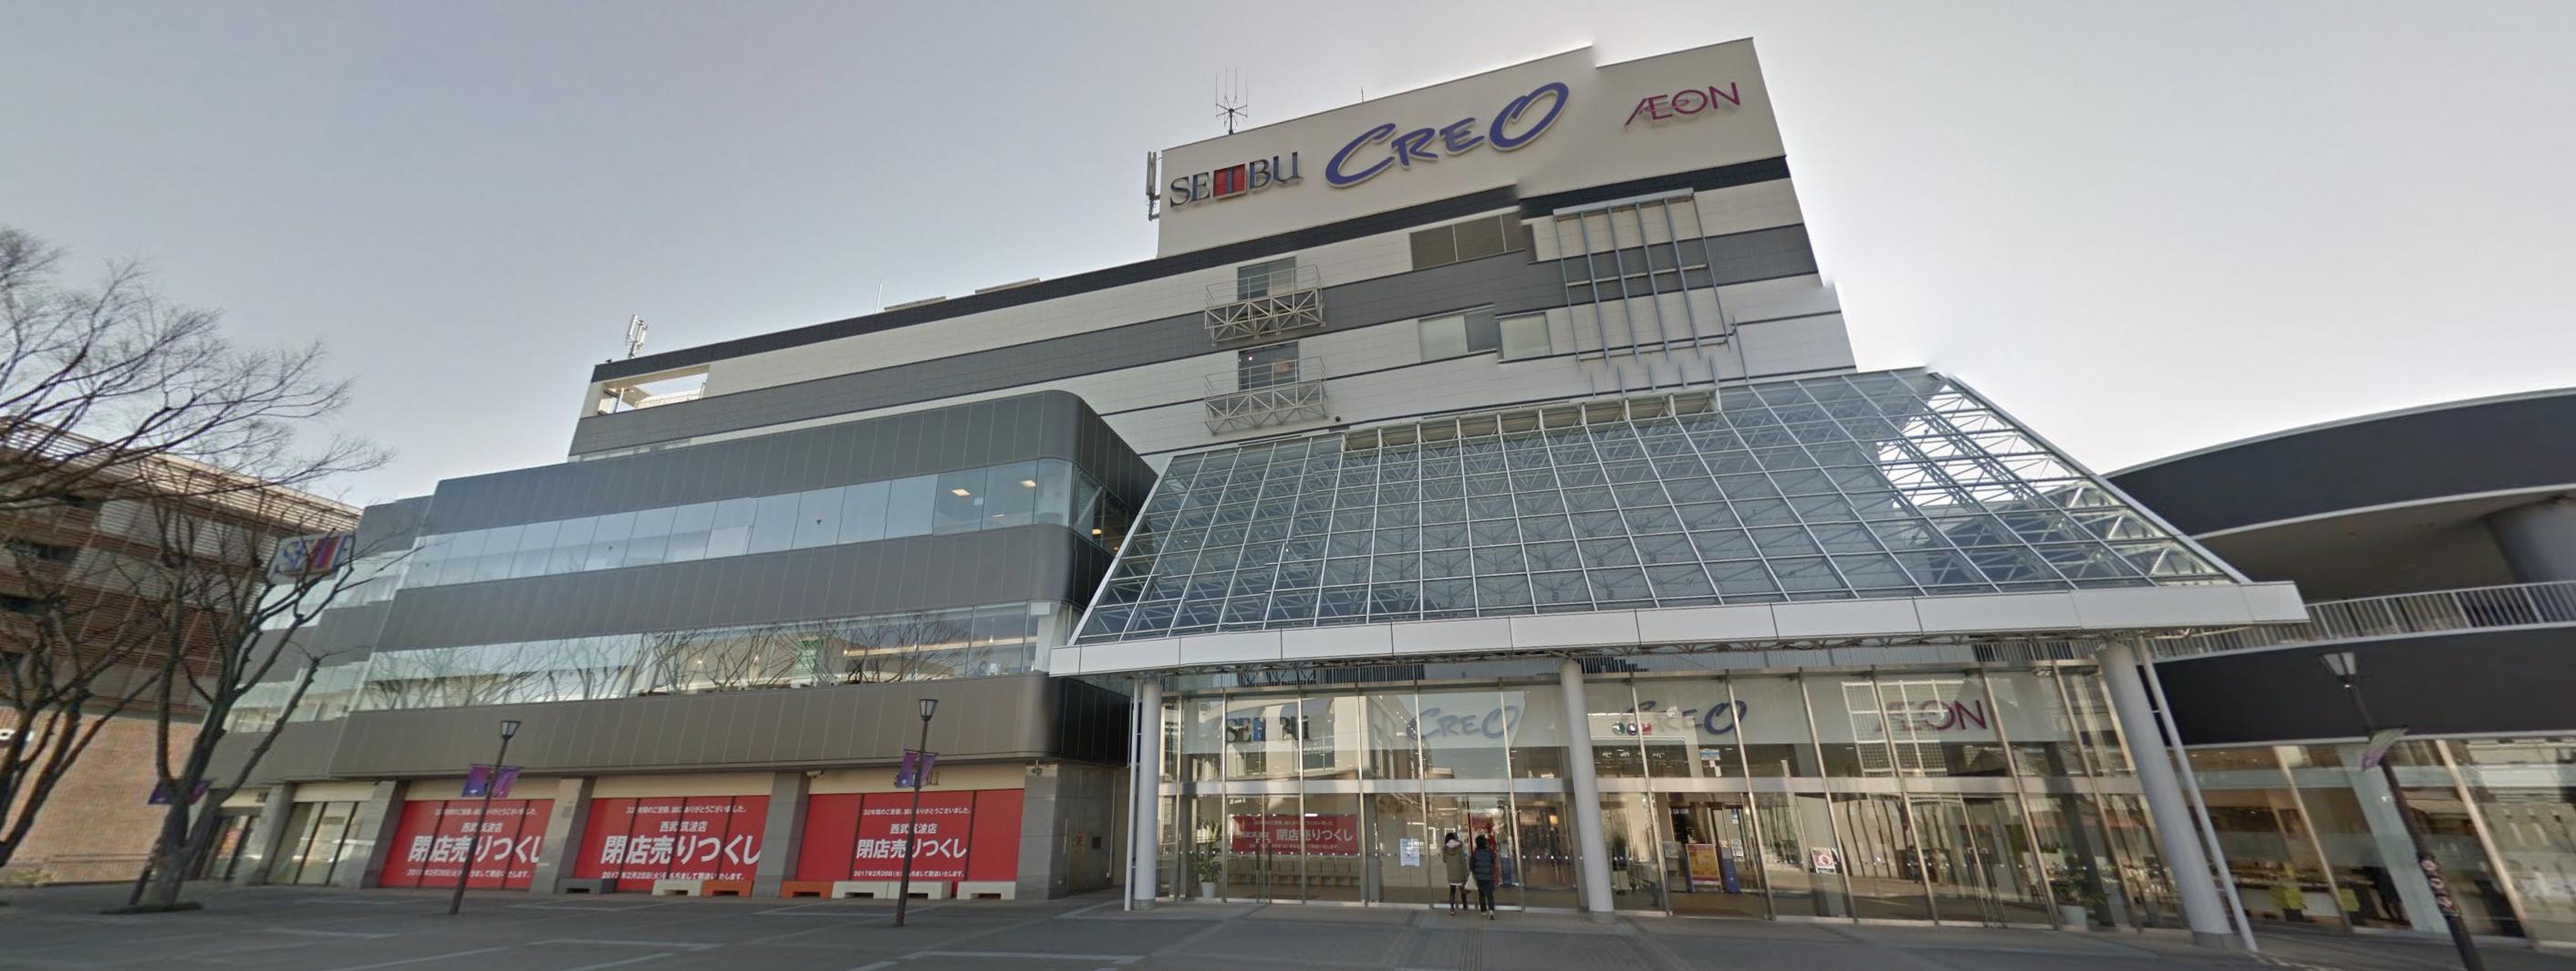 日本エスコン、筑波西武+クレオを取得(2019.3.27)